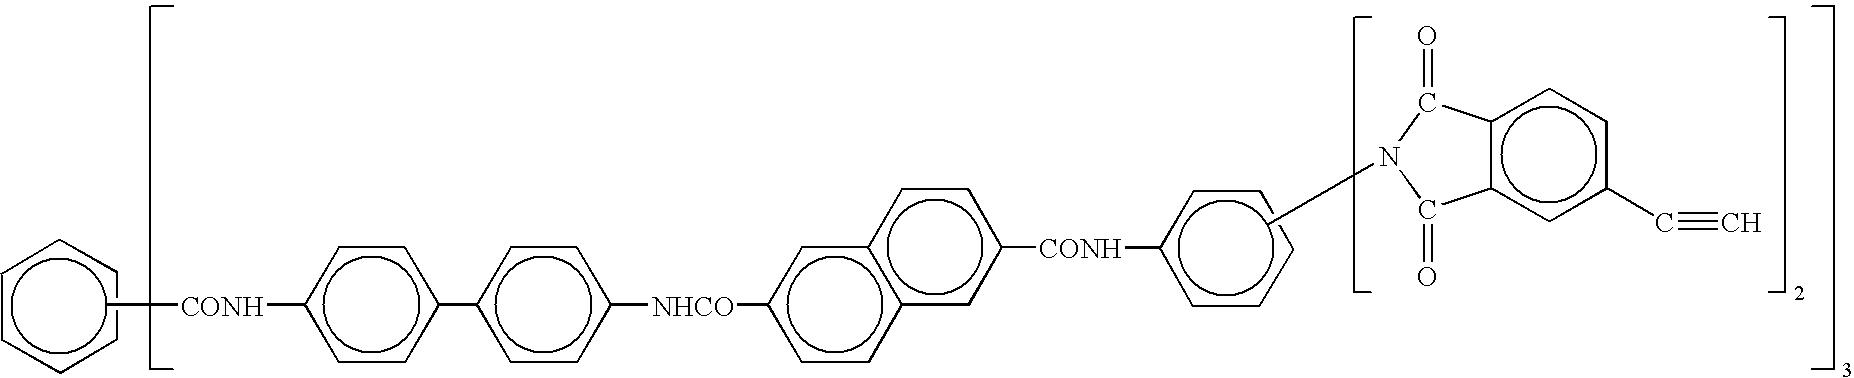 Figure US20100204412A1-20100812-C00071